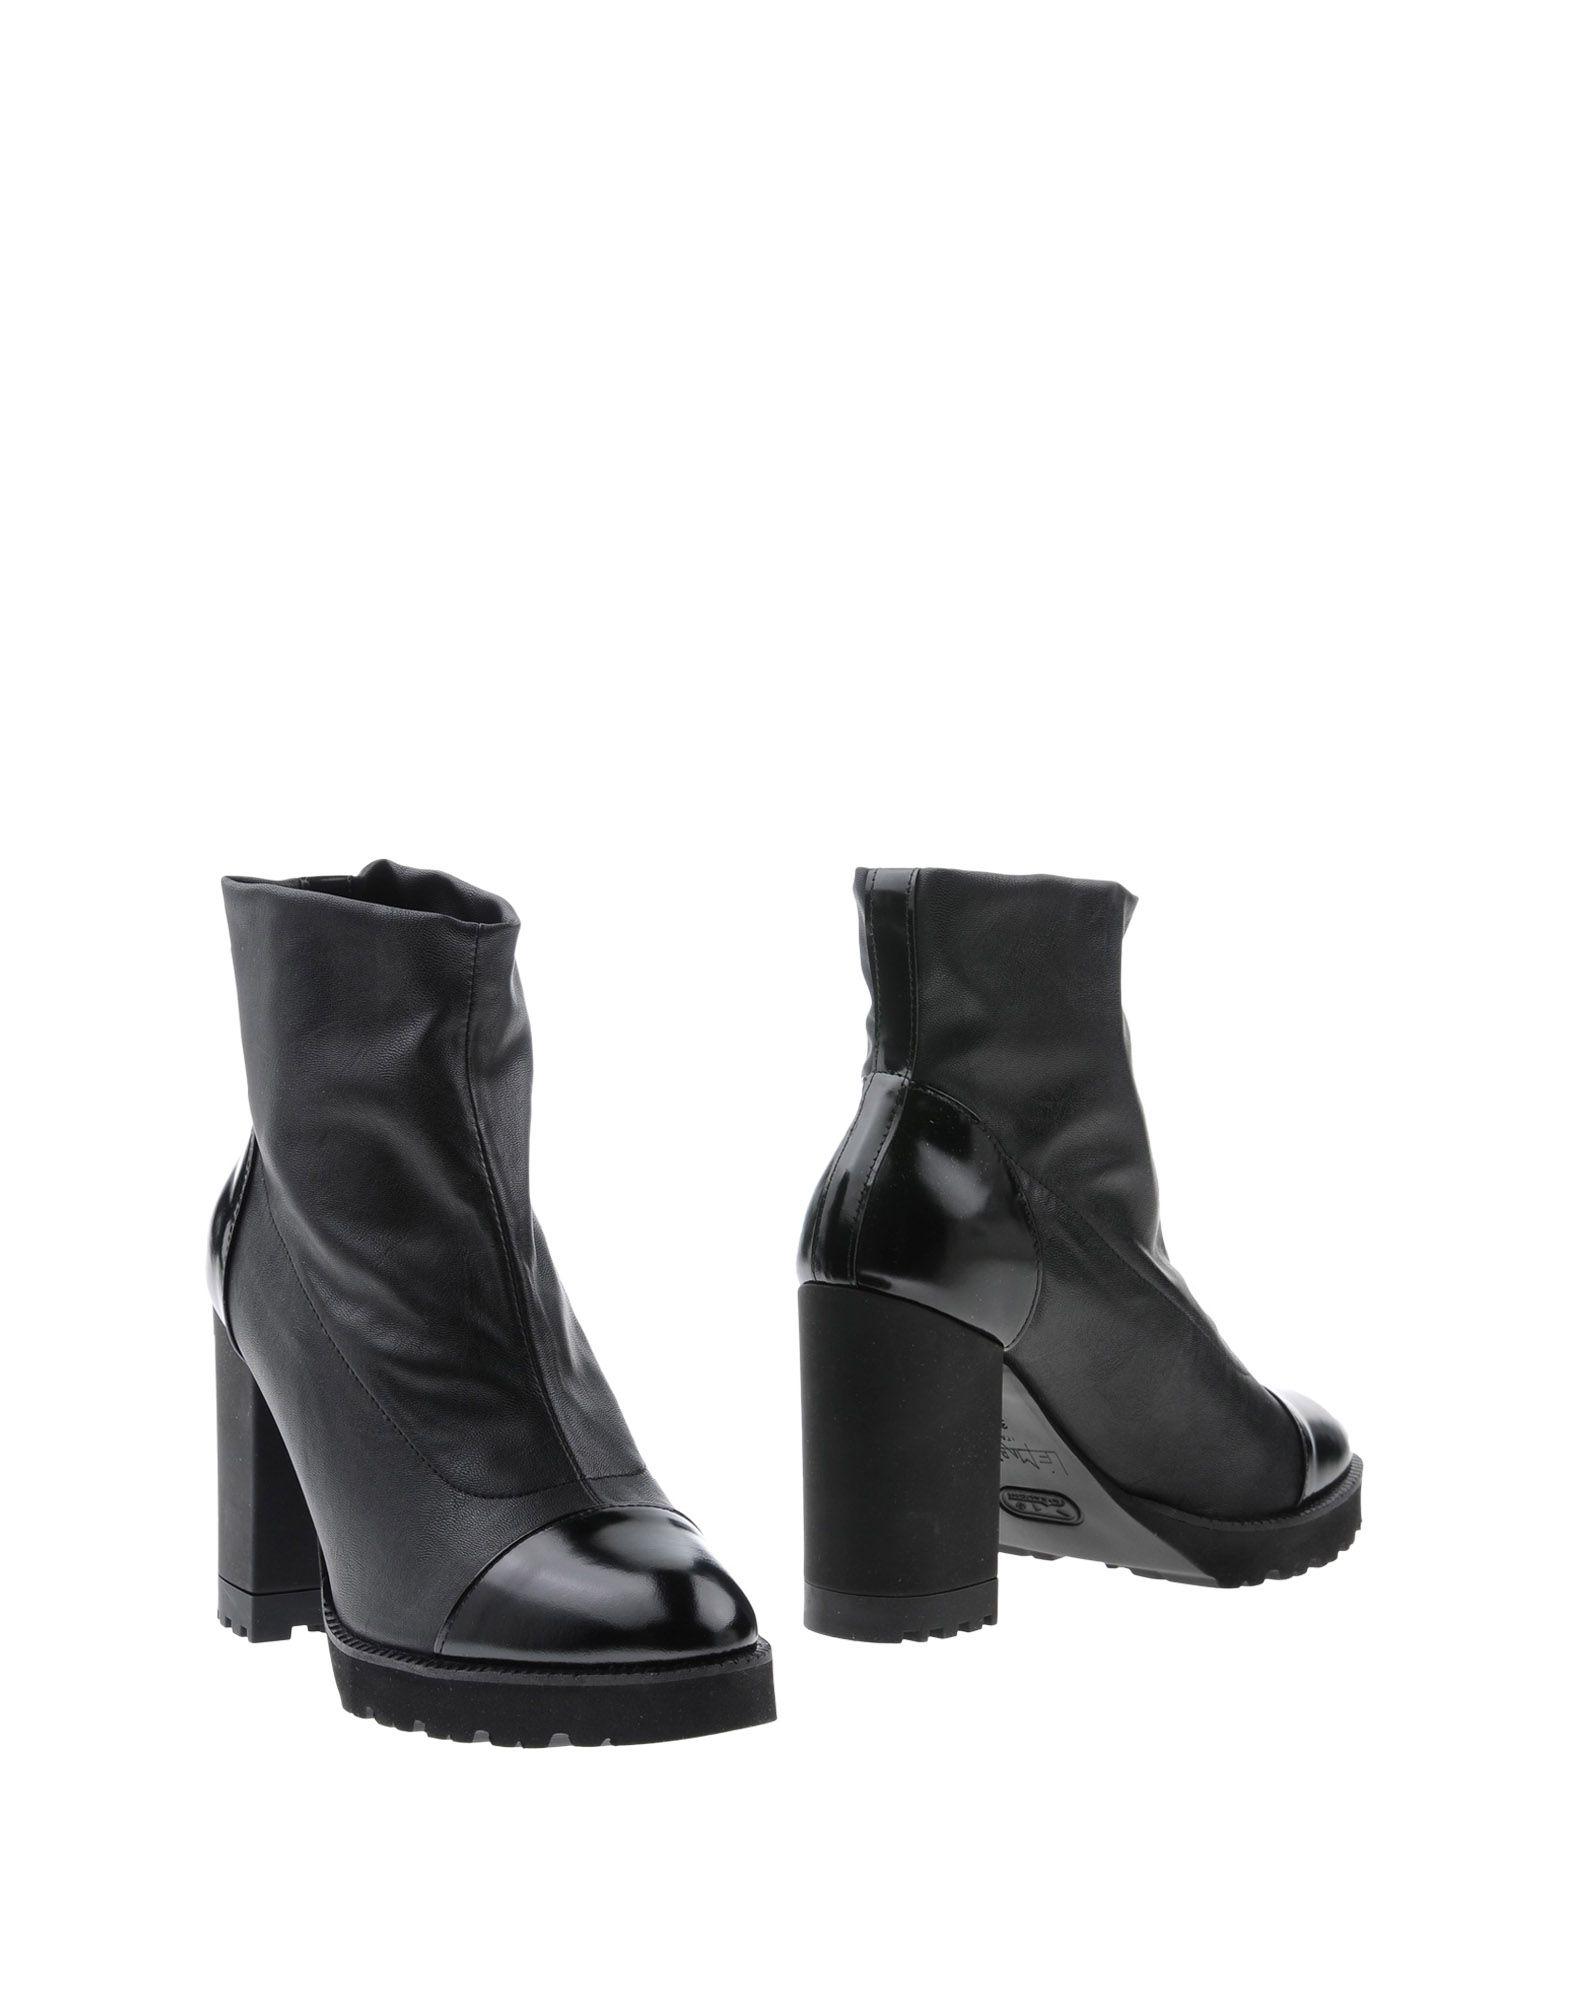 Le Marinē Stiefelette Damen 11348341OG  11348341OG Damen Gute Qualität beliebte Schuhe 57a58f